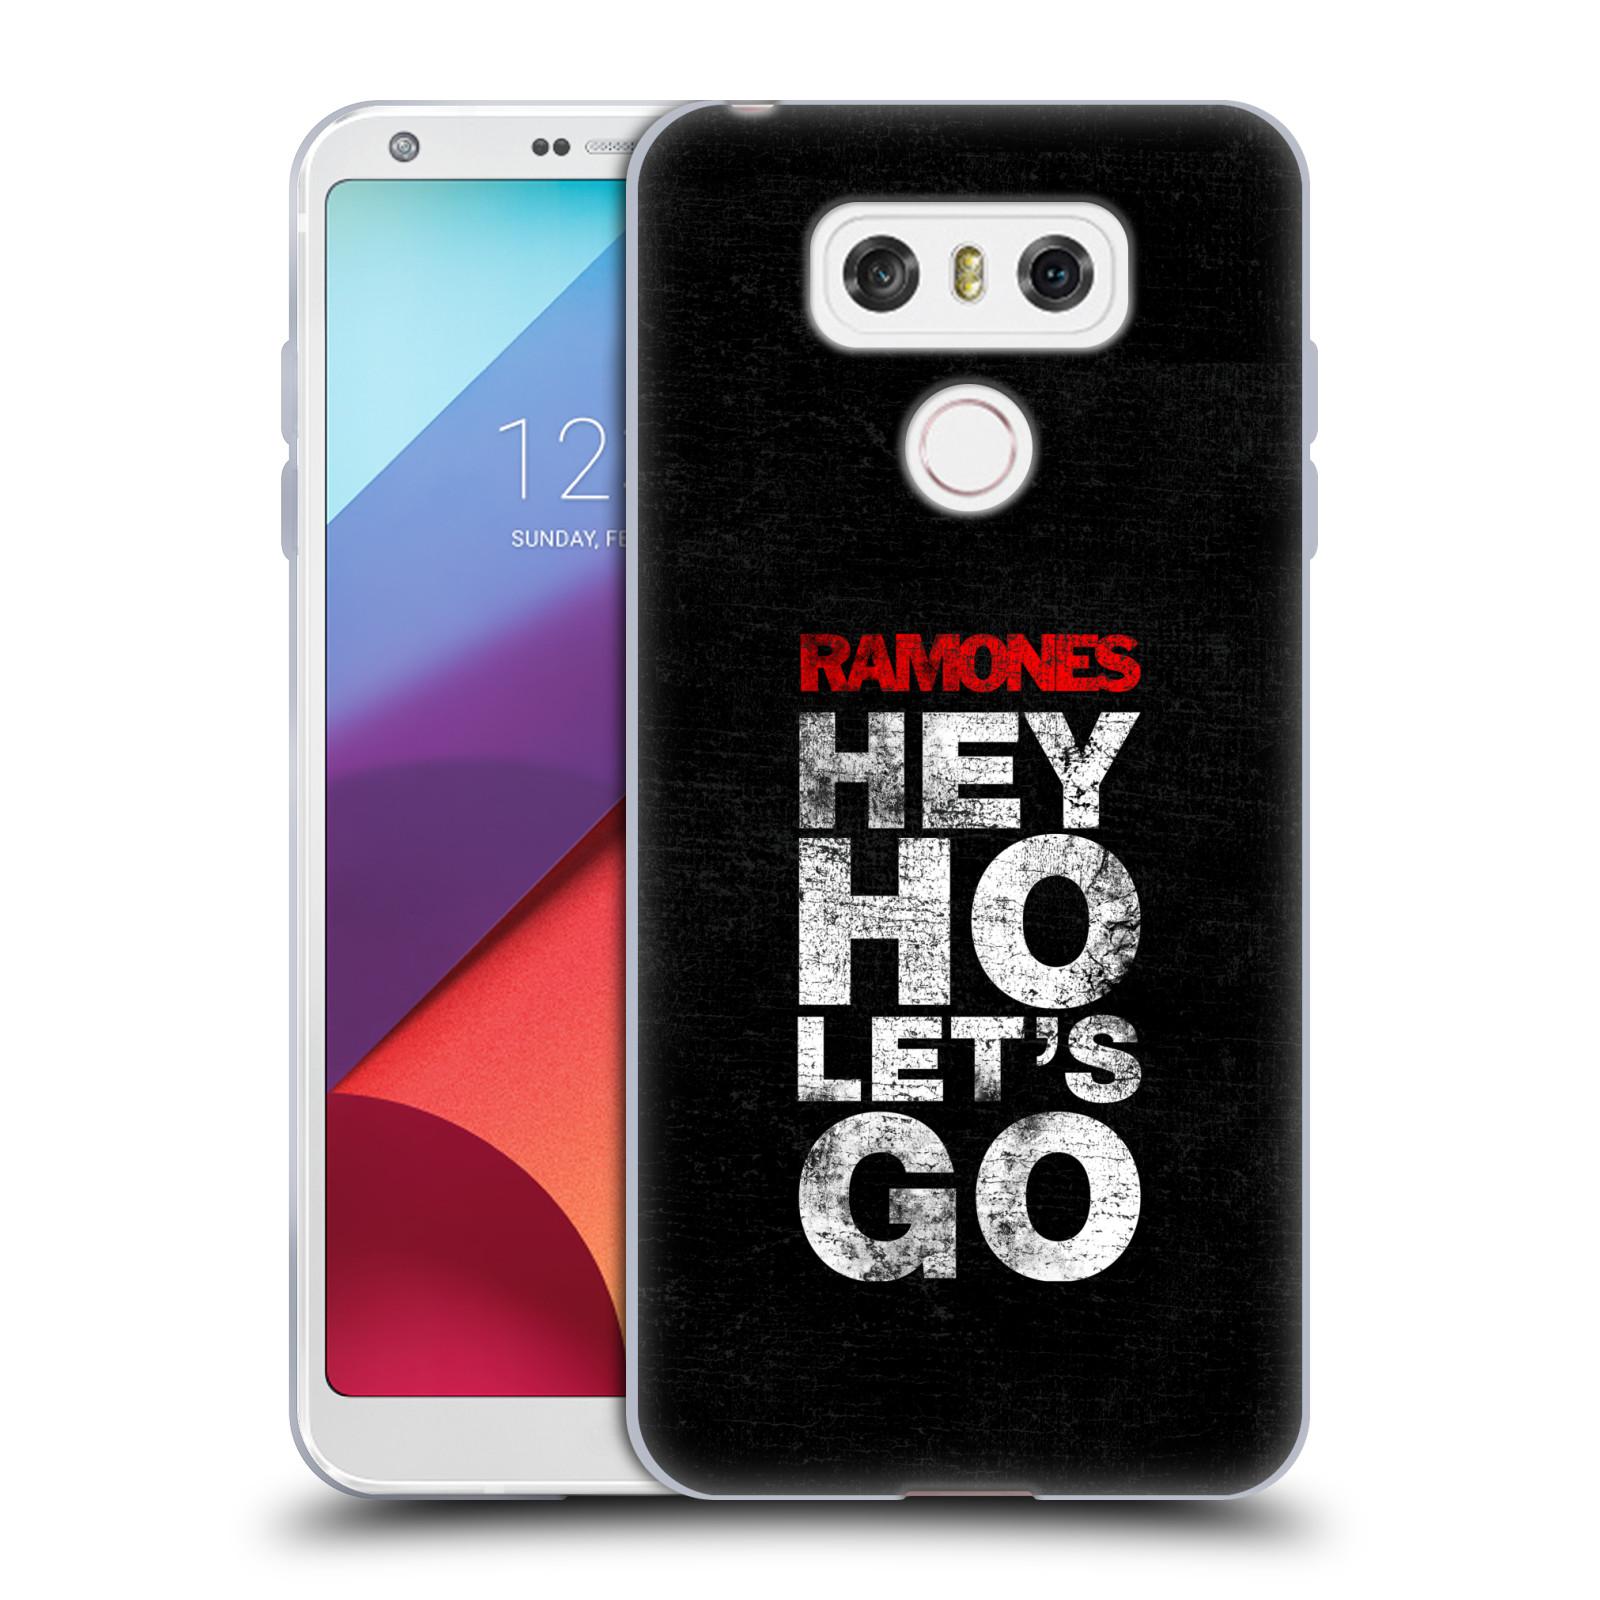 Silikonové pouzdro na mobil LG G6 - Head Case The Ramones - HEY HO LET´S GO (Silikonový kryt či obal na mobilní telefon s oficiálním licencovaným motivem The Ramones pro LG G6 H870 / LG G6 Dual SIM H870DS)